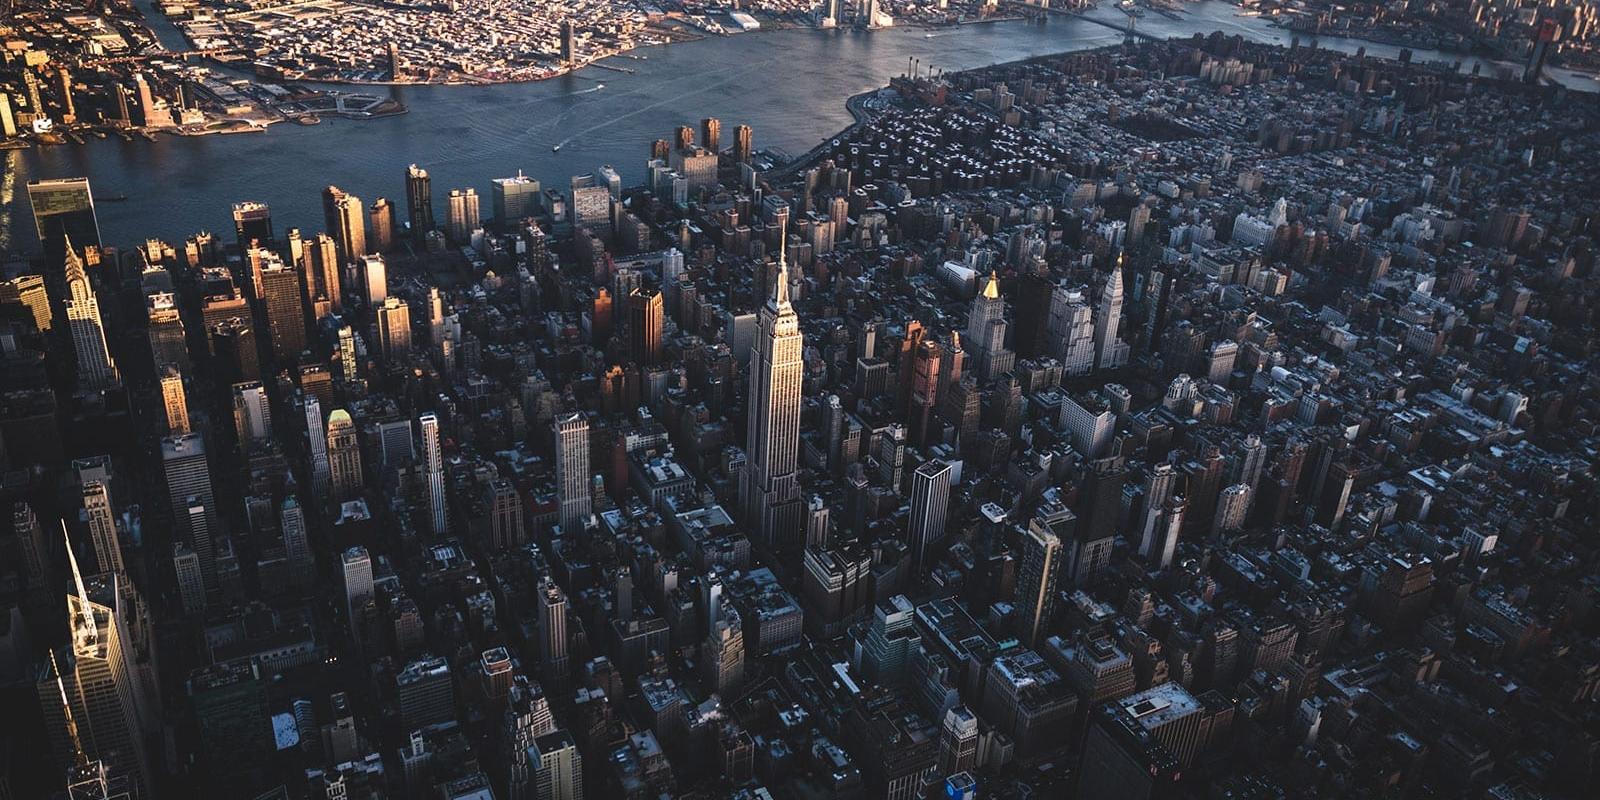 Das Empire State Building zählt zu den besten Sehenswürdigkeiten in New York